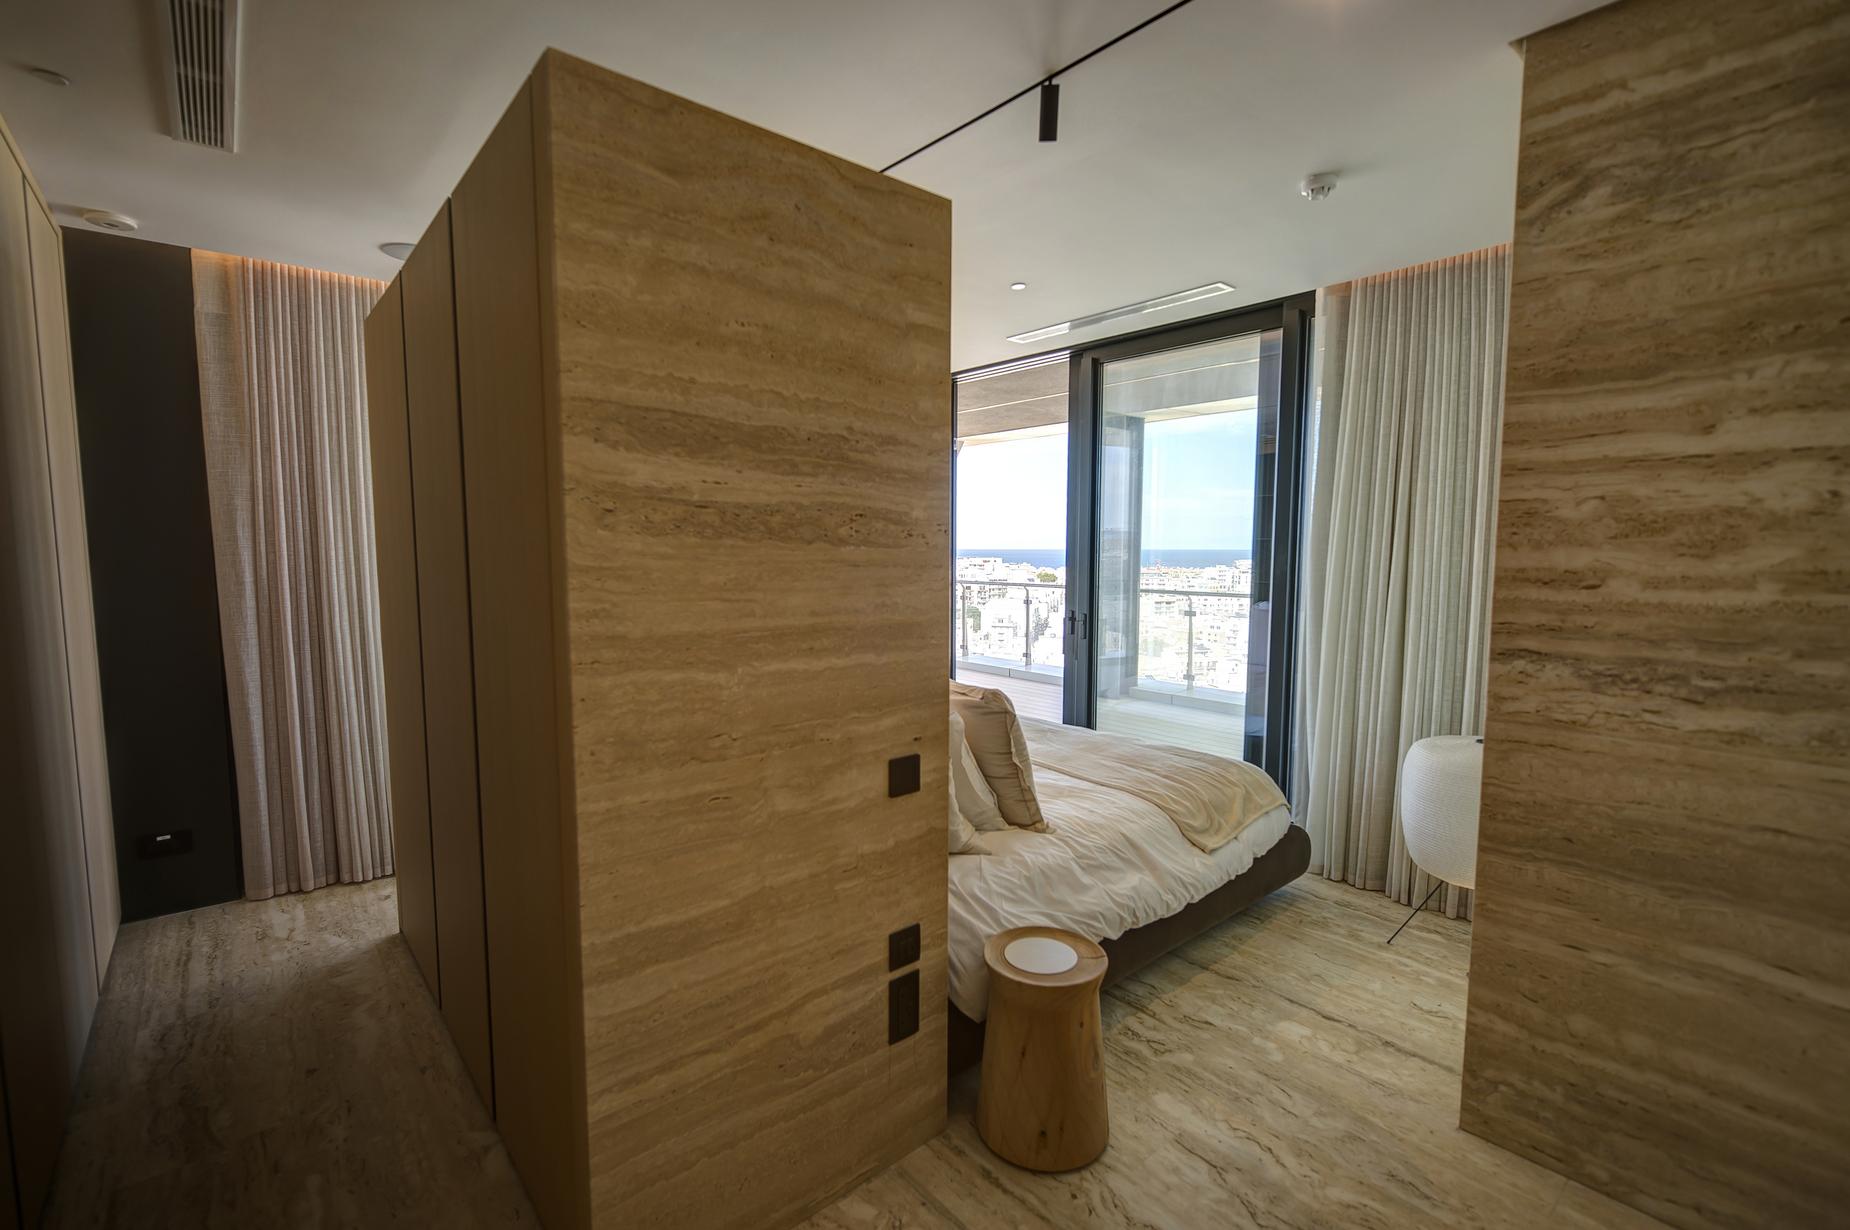 3 bed Apartment For Sale in Gzira, Gzira - thumb 20